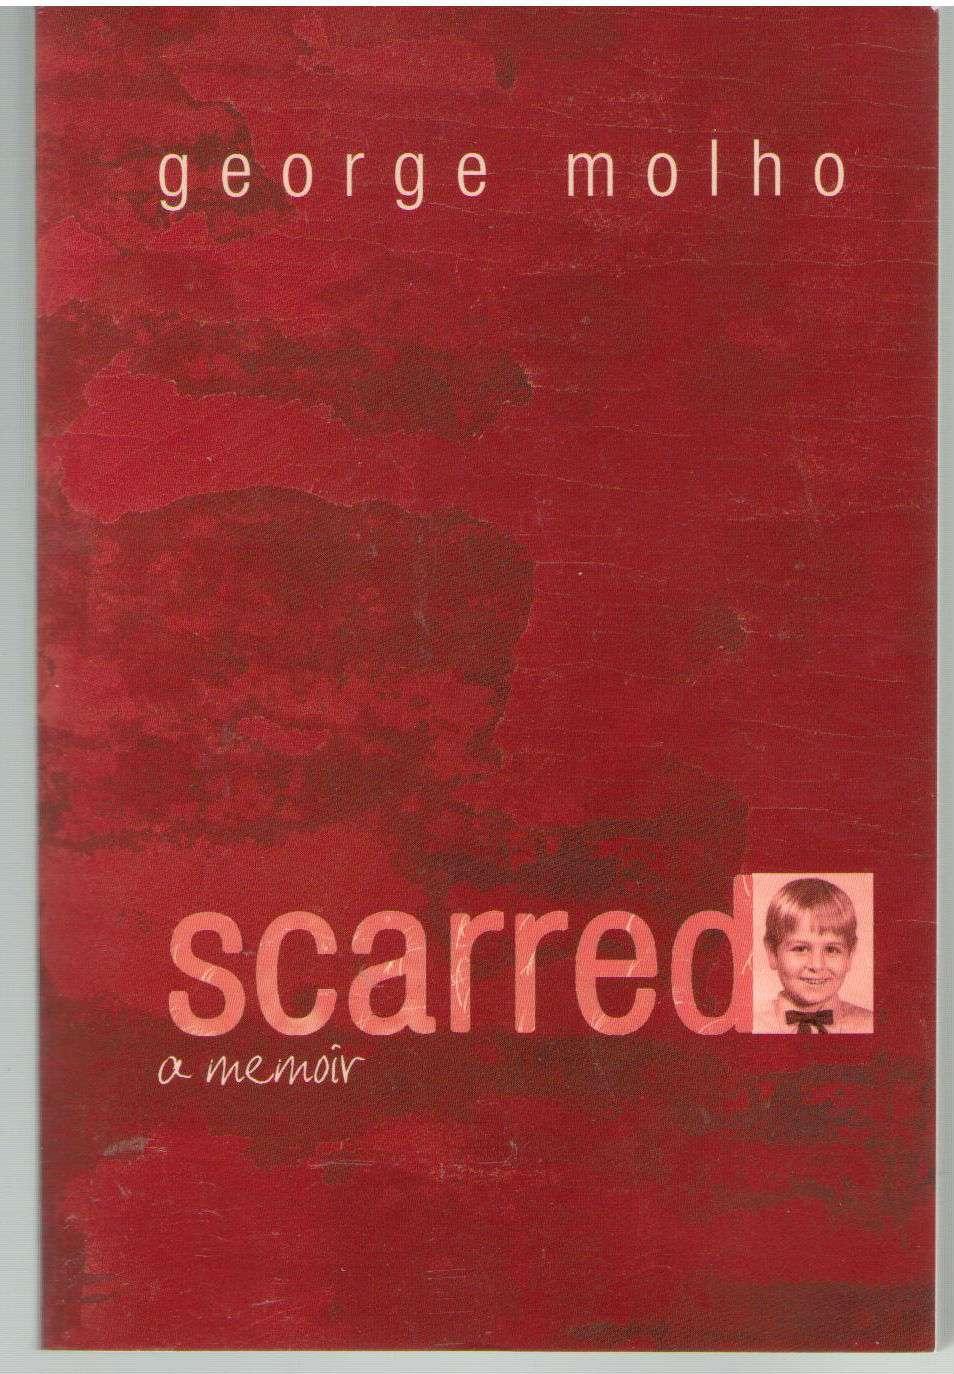 Scarred: A Memoir, George Molho